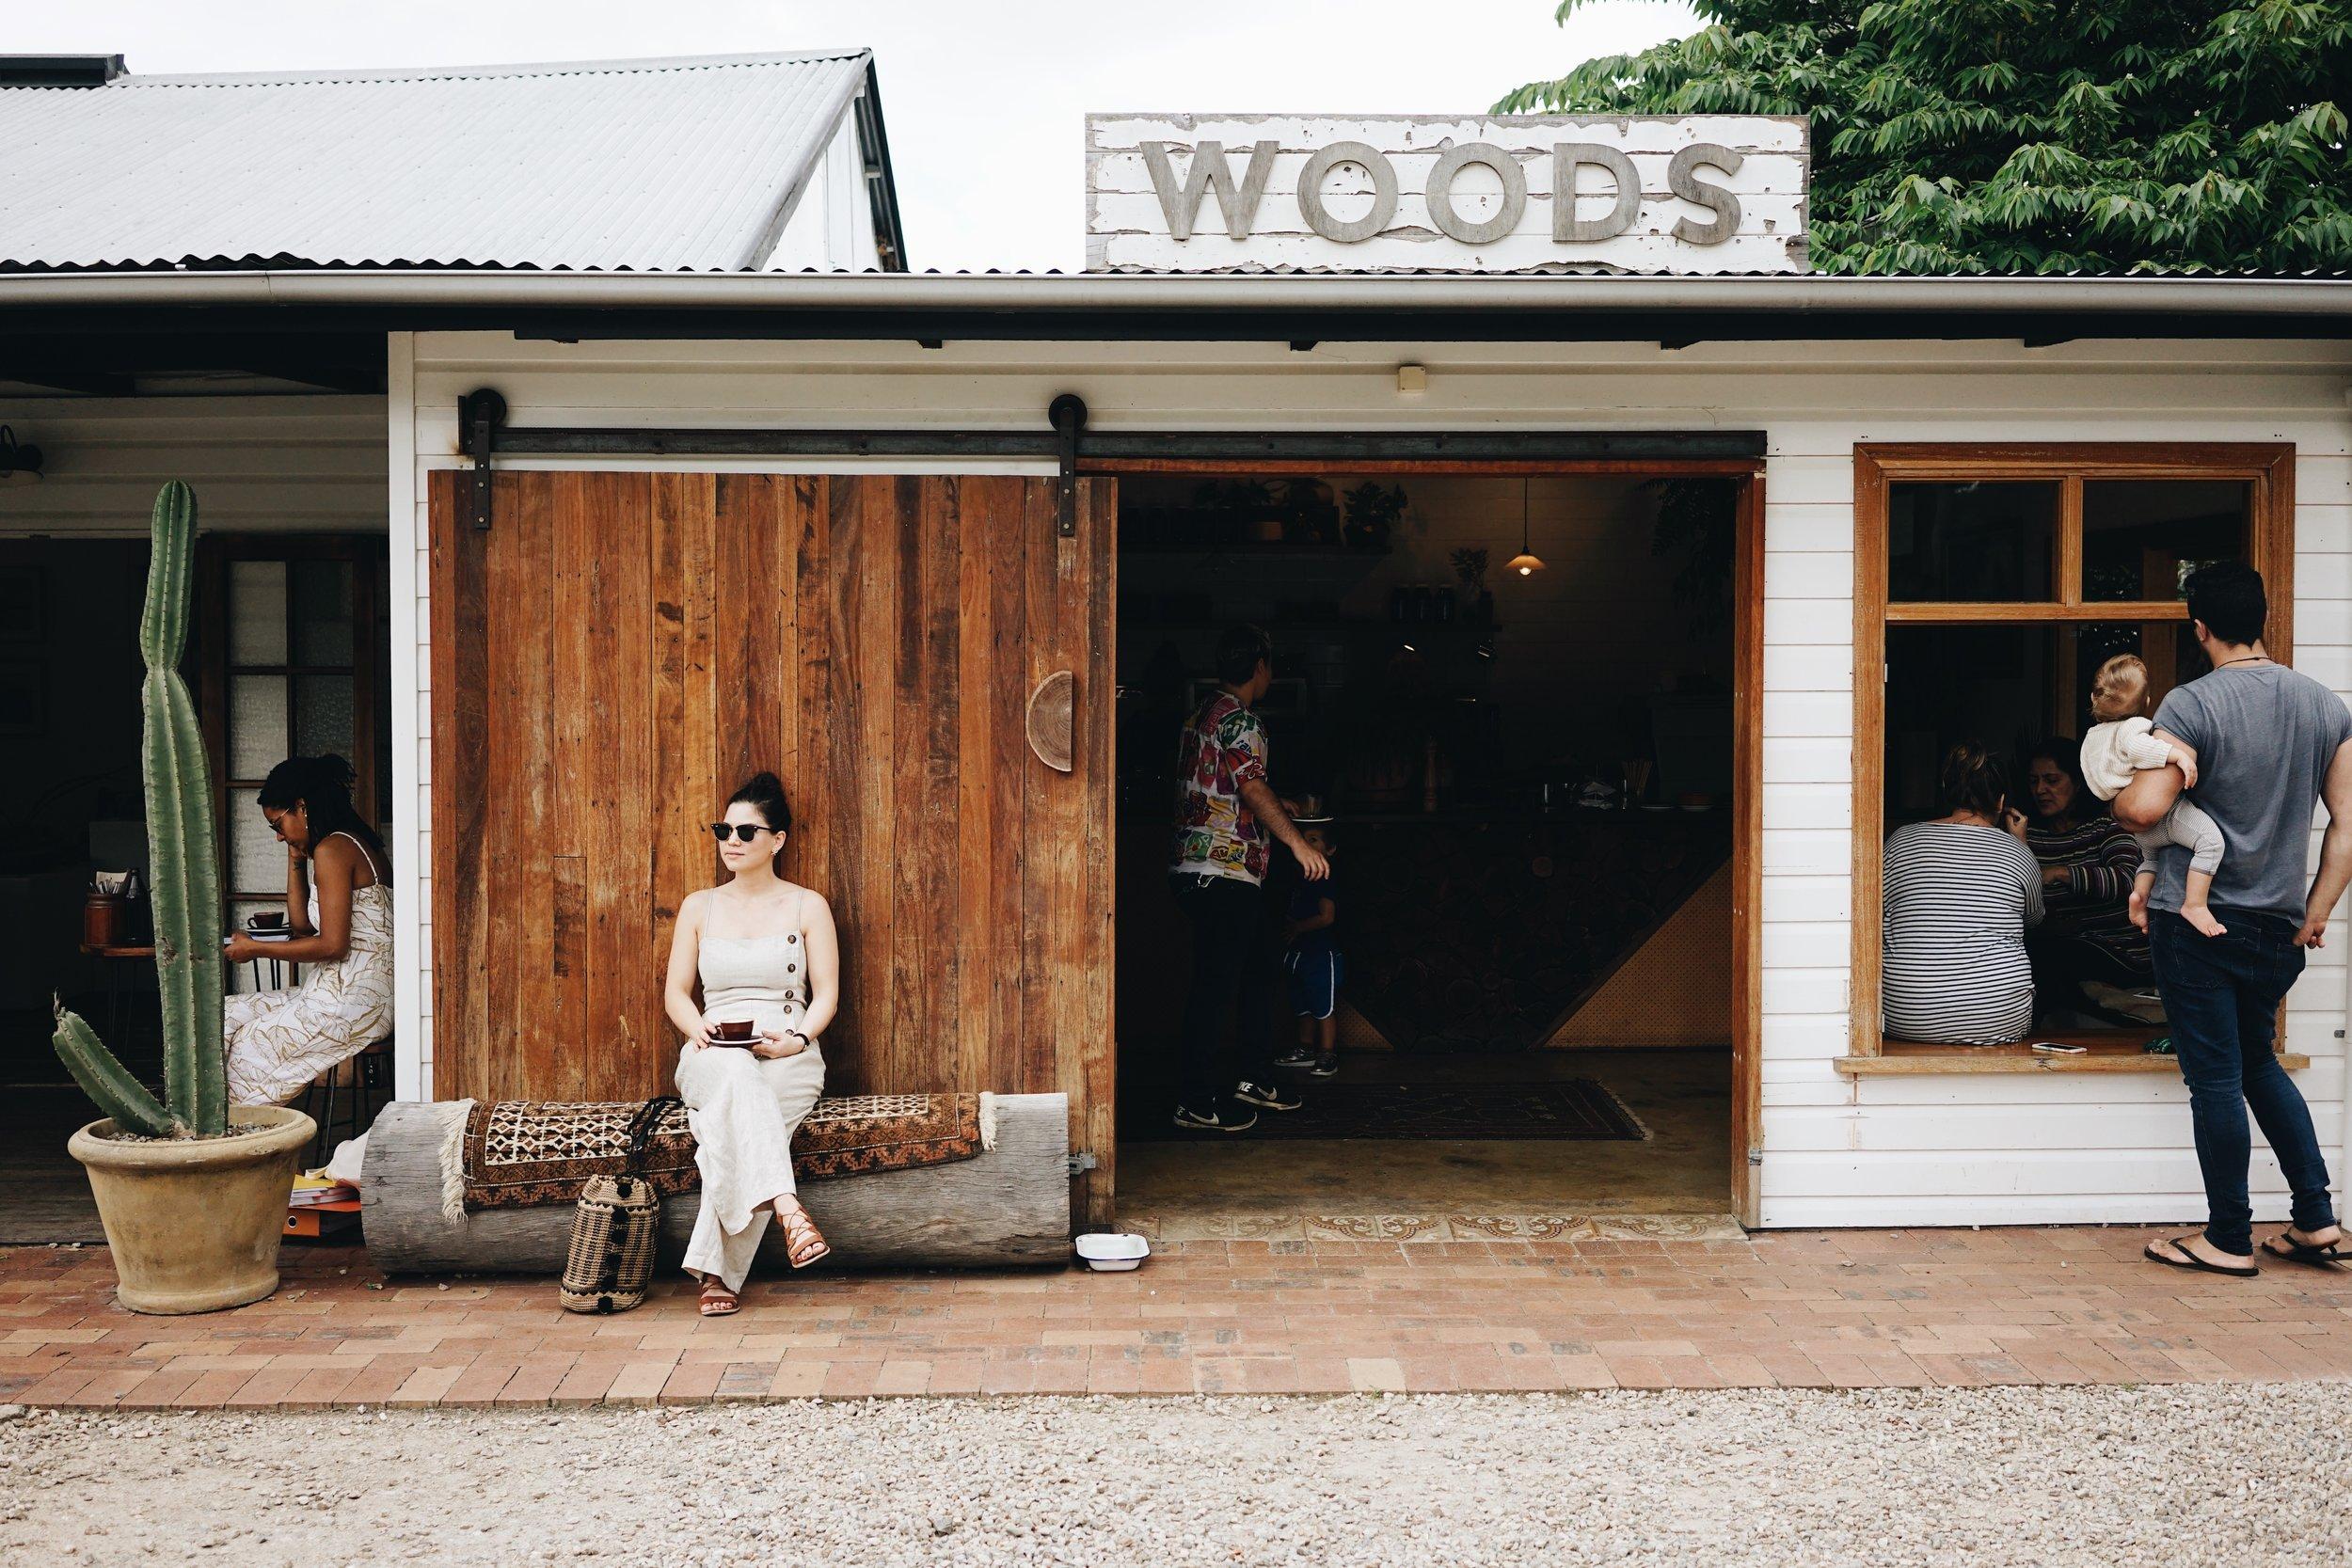 Woods Bangalow Cafe